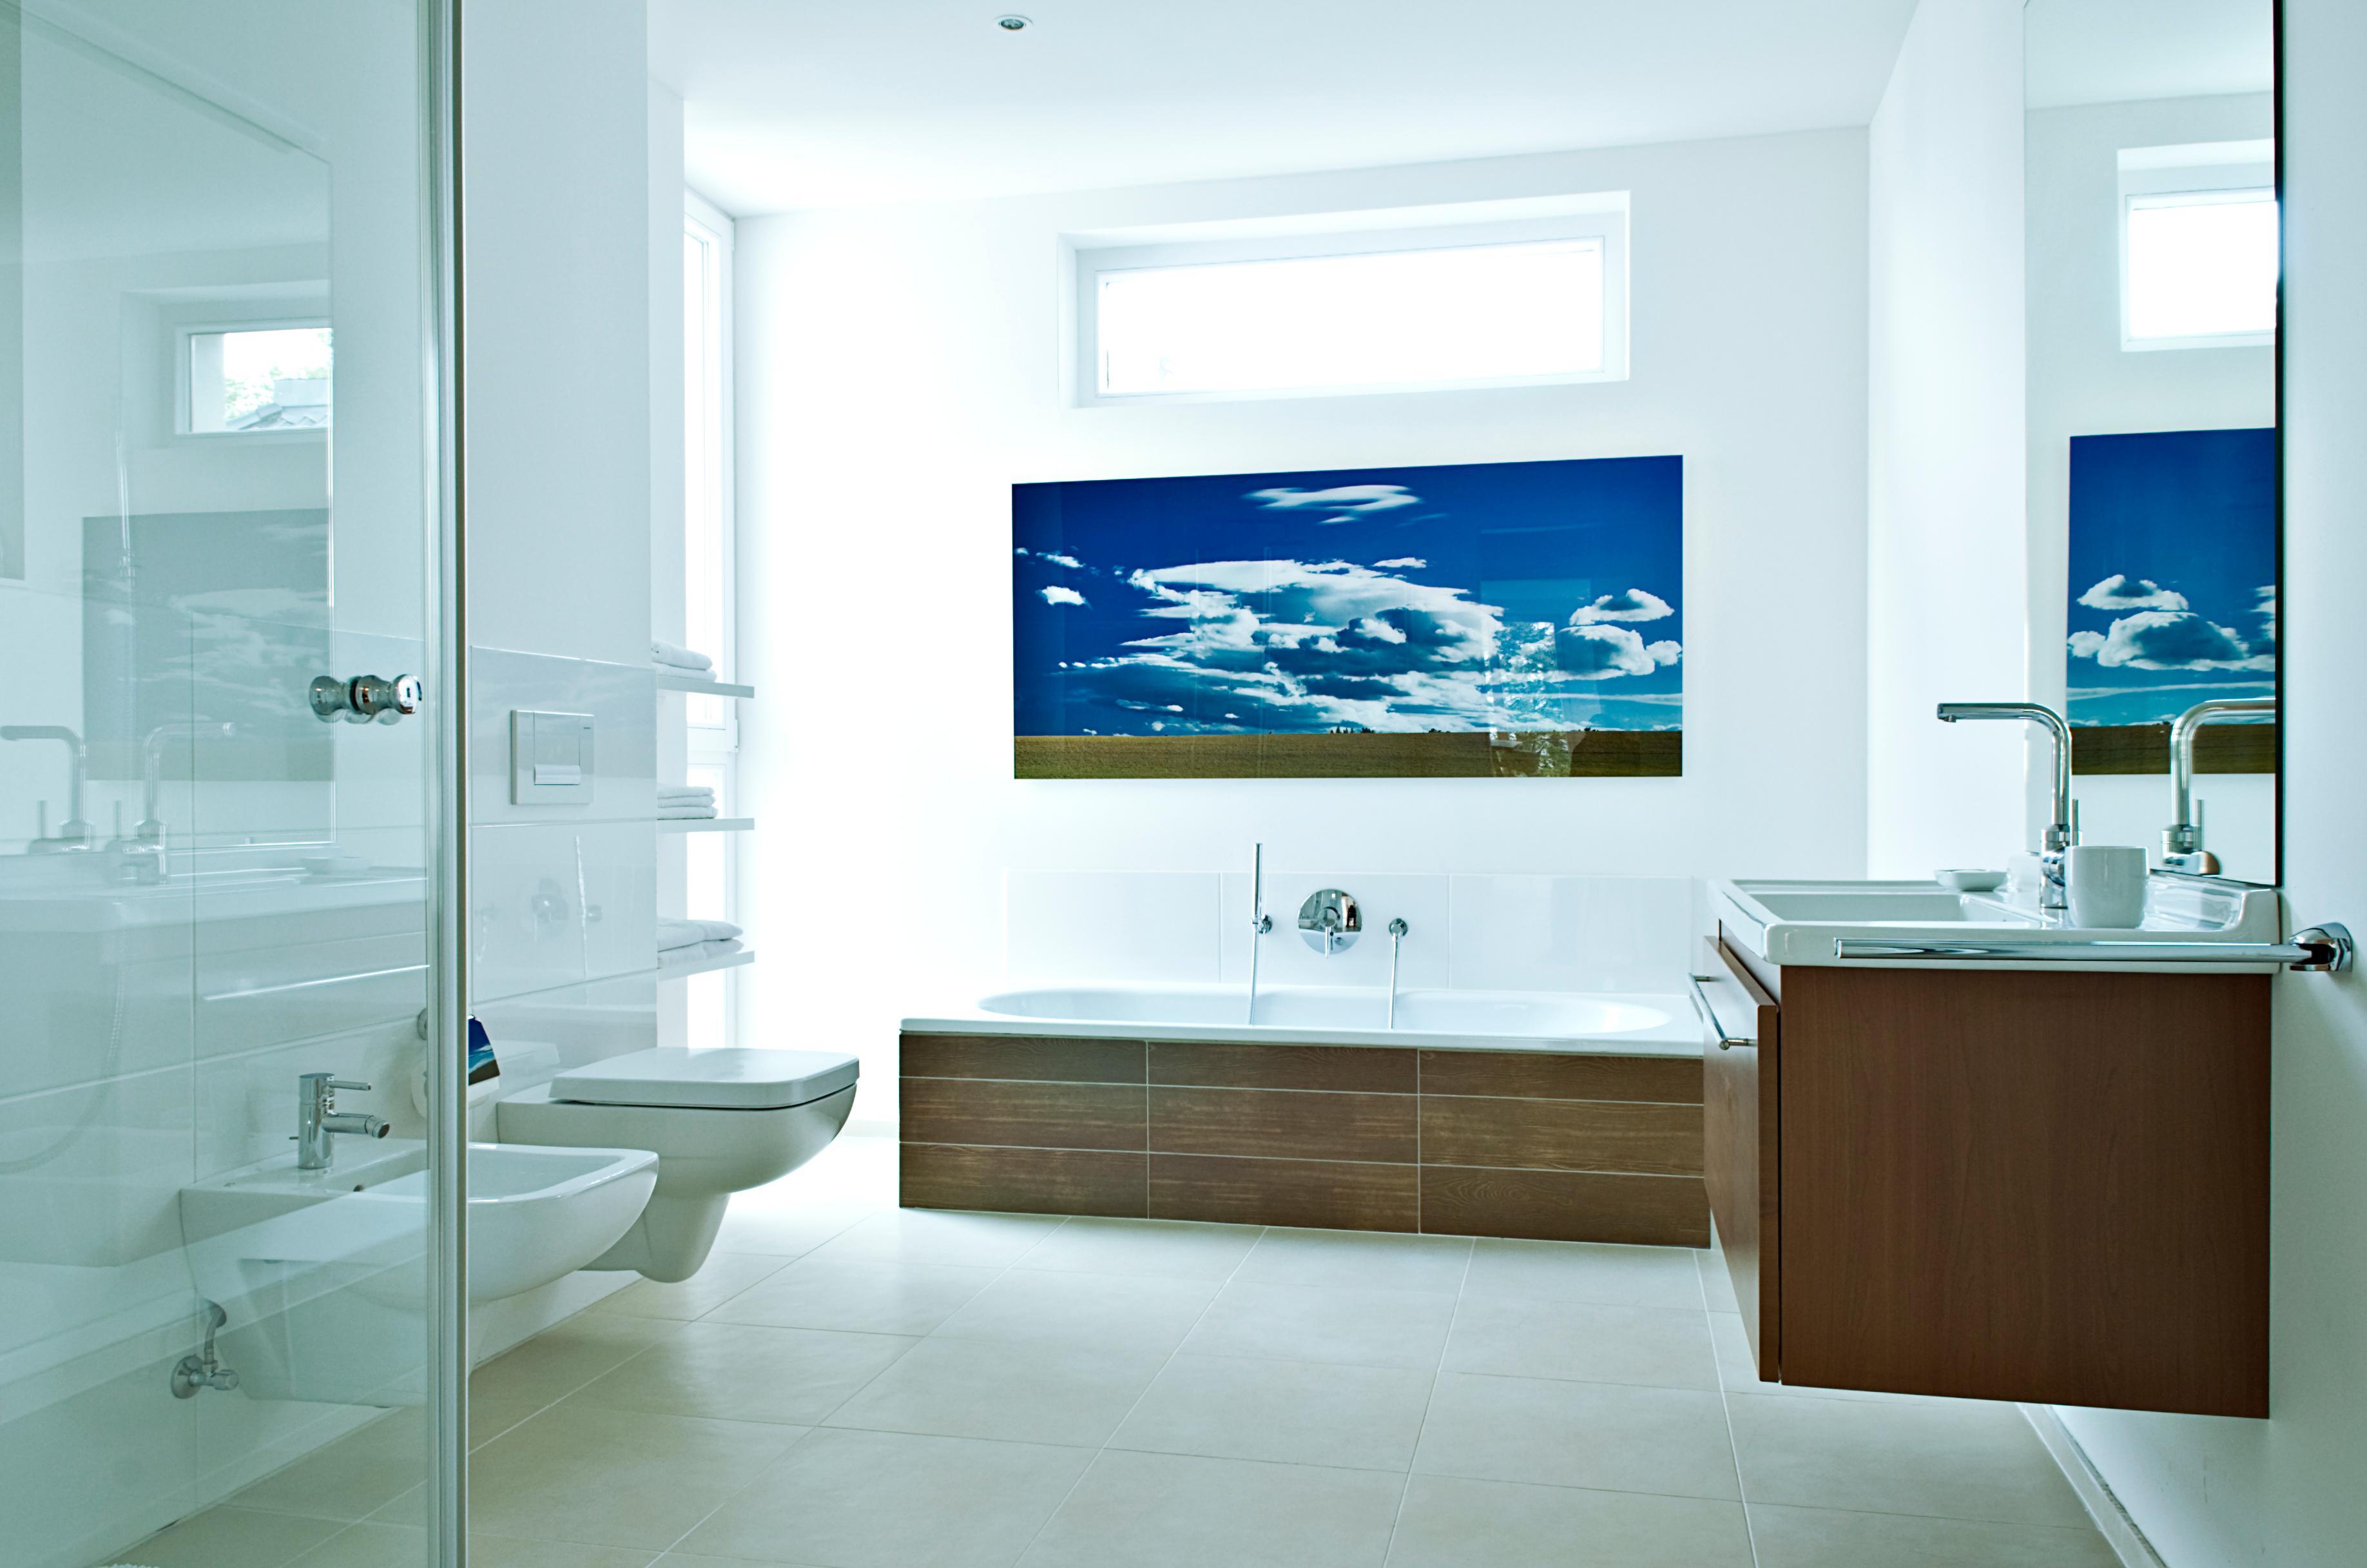 Badezimmer gestalten ideen  Badezimmer gestalten • Bilder & Ideen • COUCHstyle